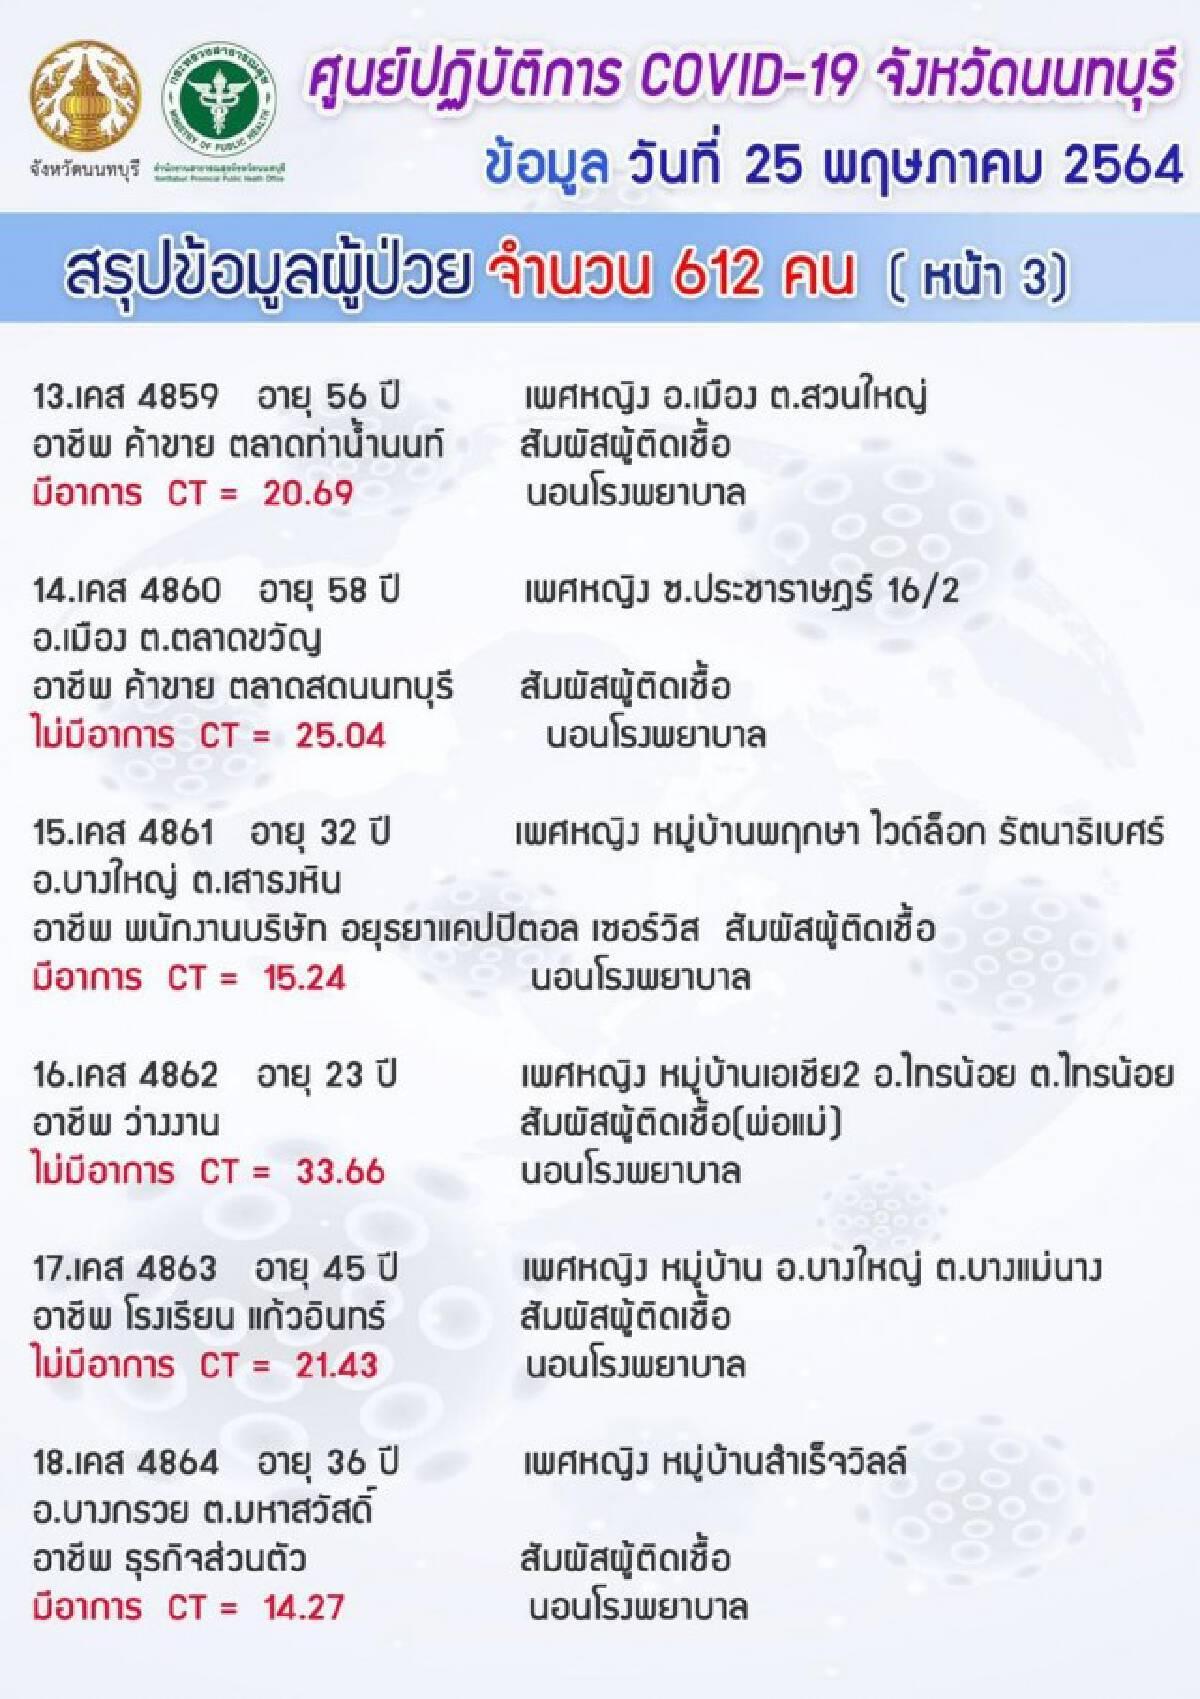 """""""นนทบุรี"""" ยังวิกฤต!! ยอดโควิดพุ่ง 612 ราย เฉพาะแคมป์คนงาน 526 ราย"""